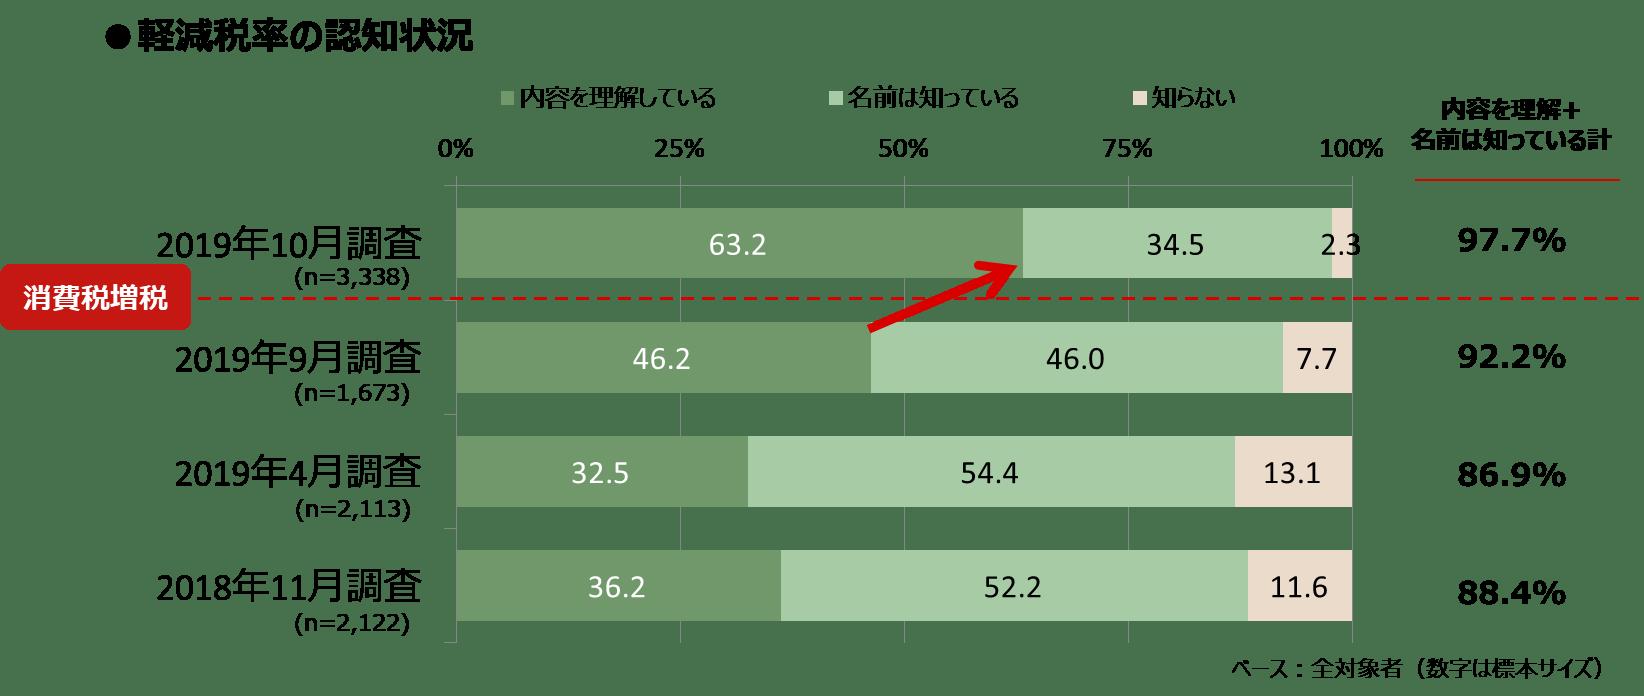 増税1ヶ月_図表1_軽減税率認知_知るギャラ.png